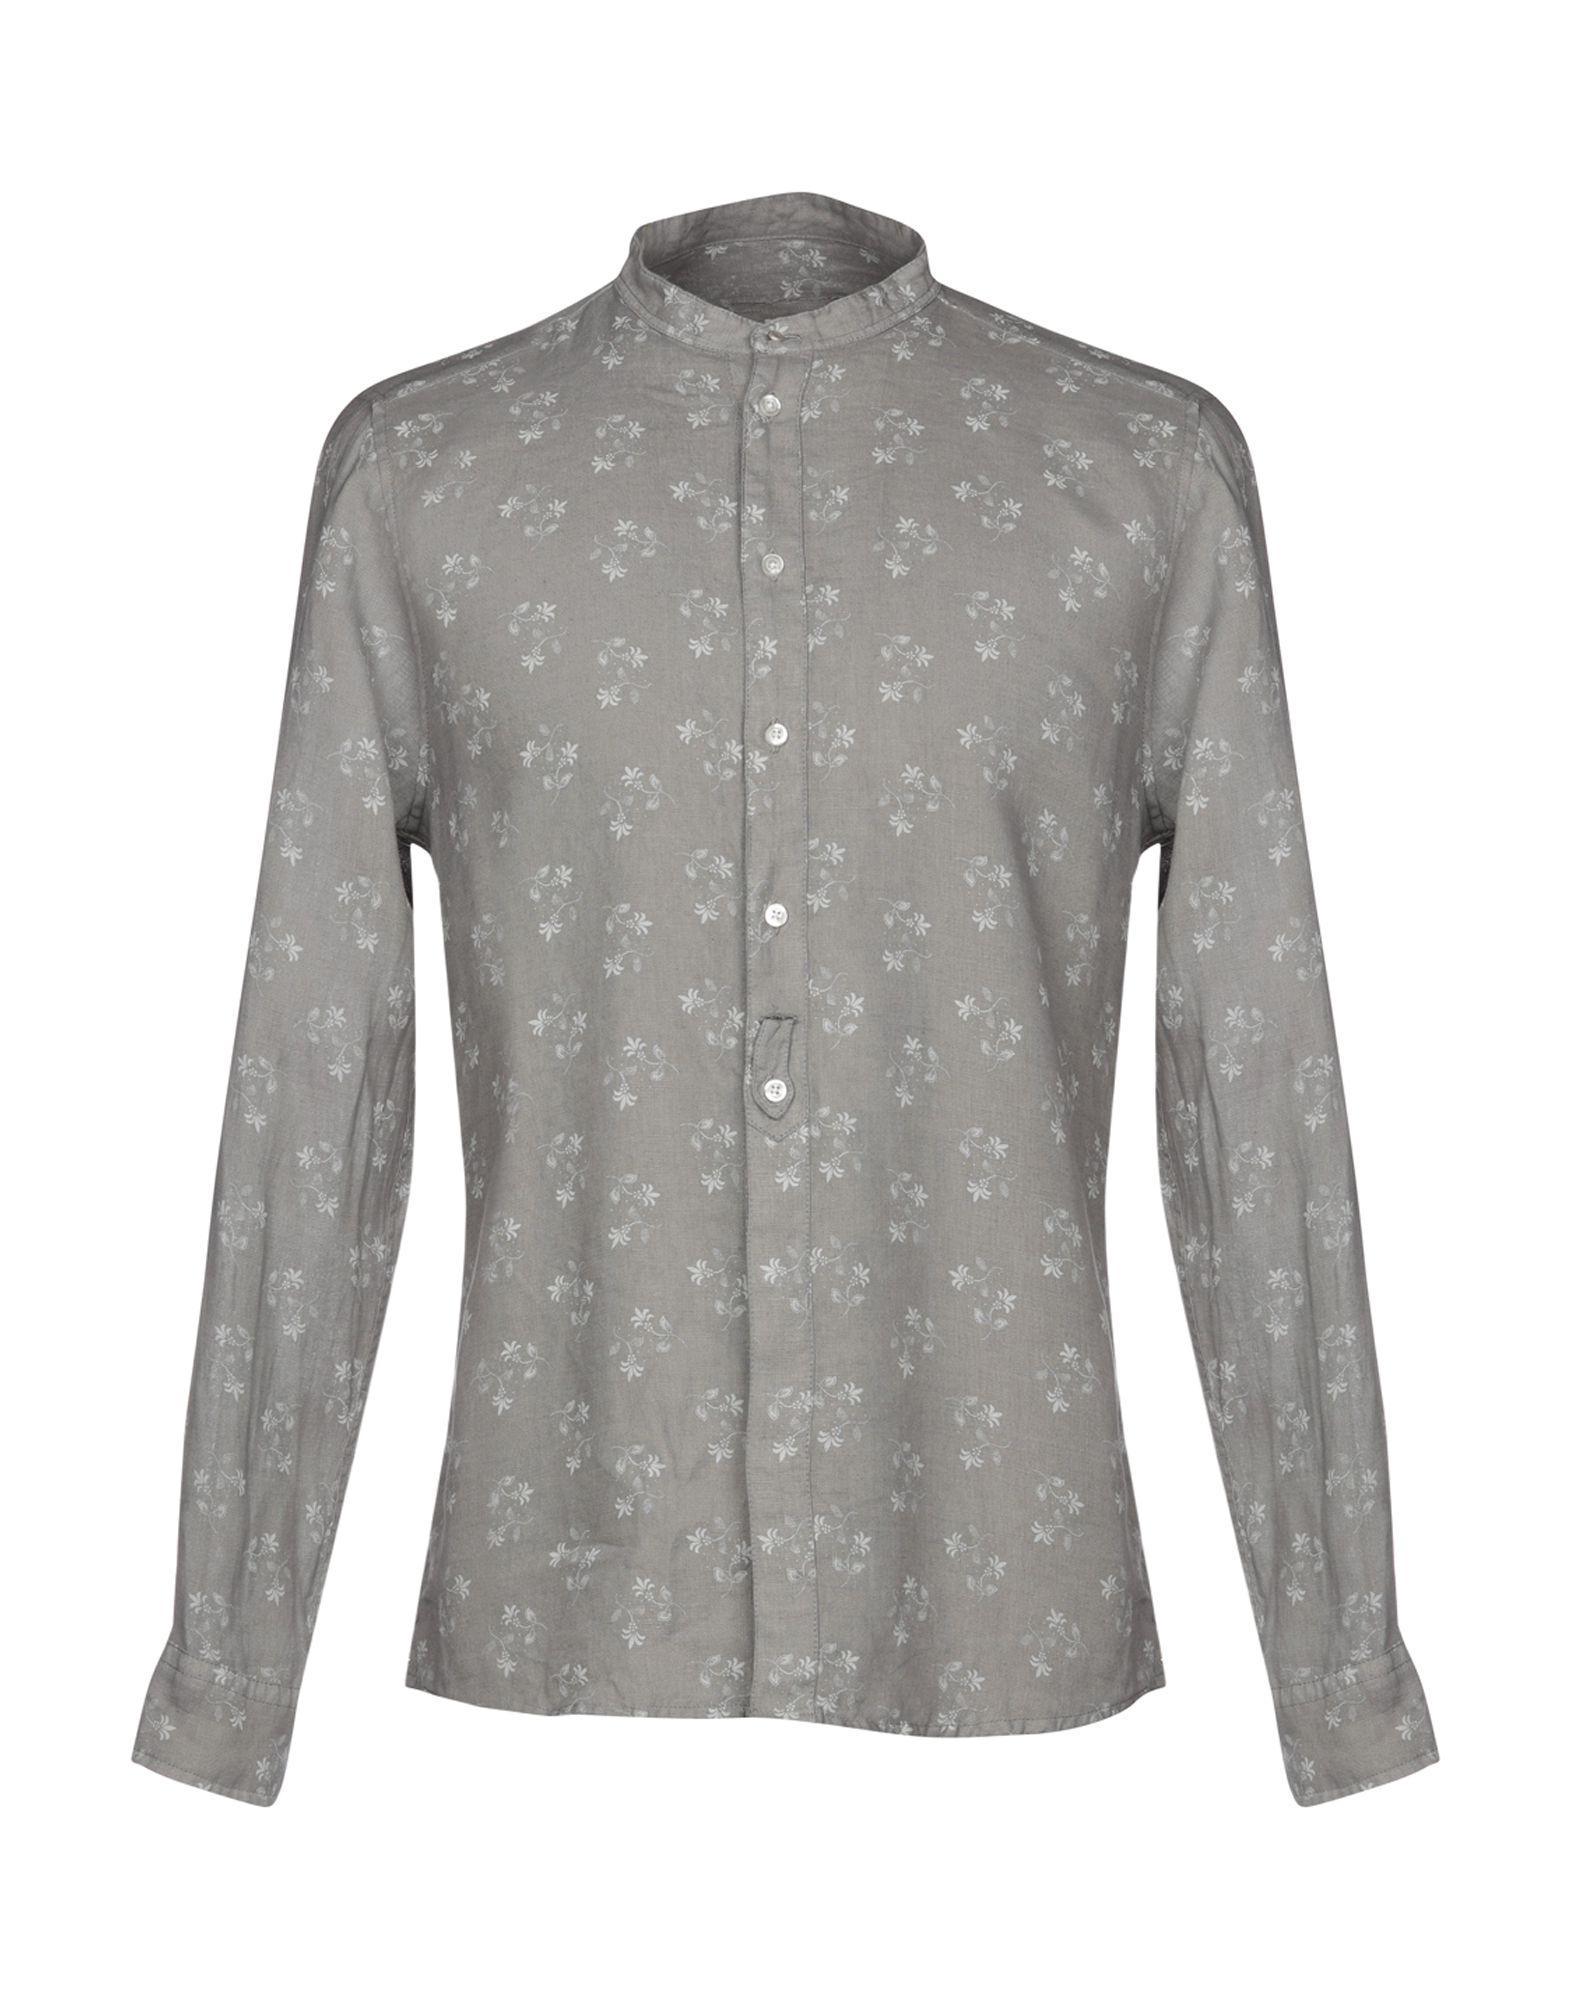 《期間限定セール中》BERNA メンズ シャツ グレー S 100% 麻